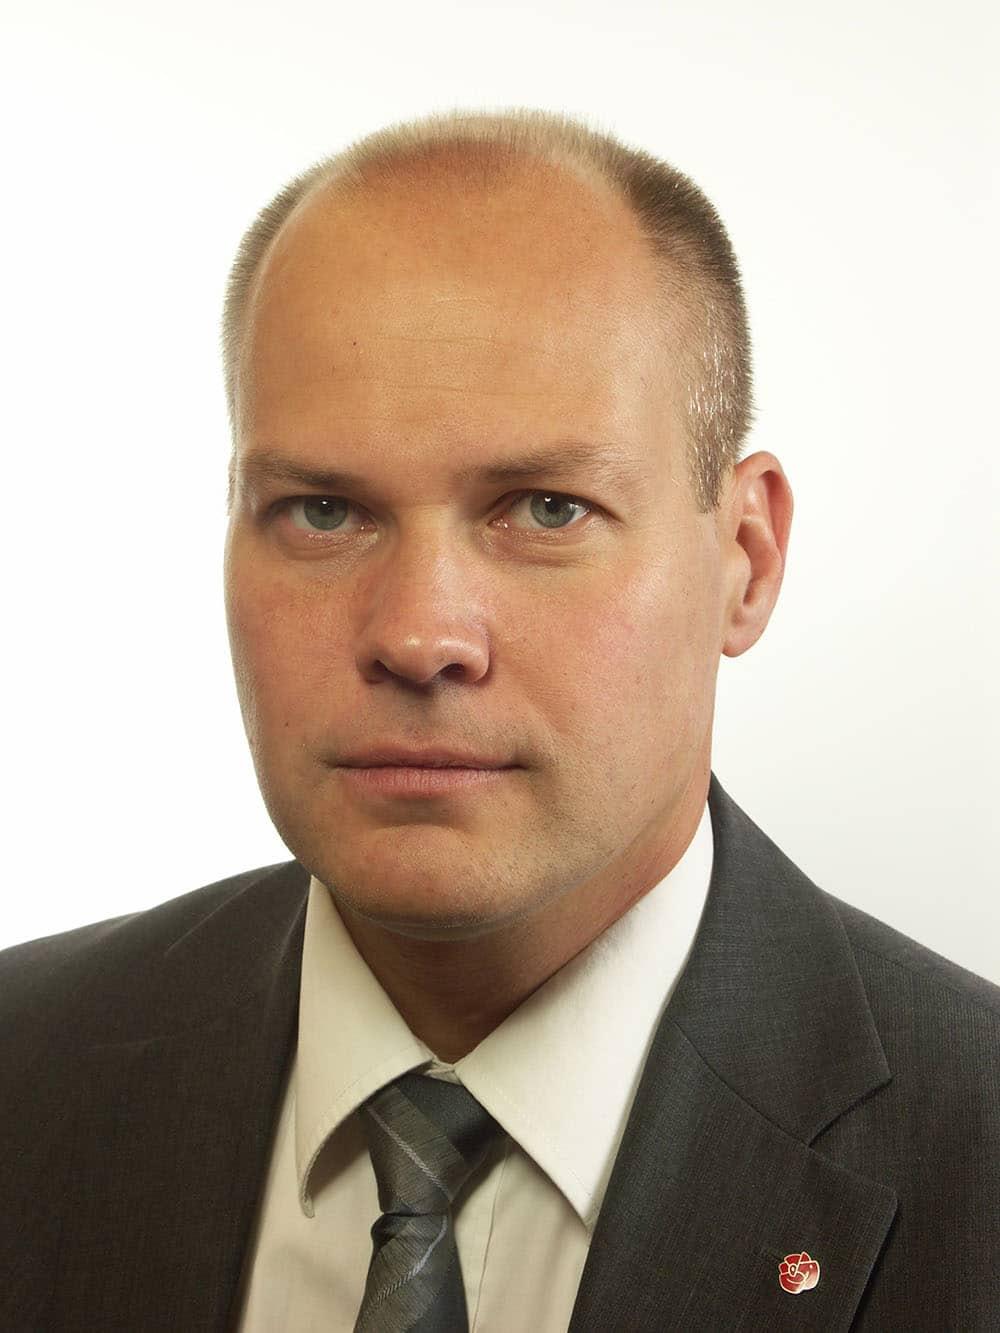 Morgan Johansson, Socialdemokraterna.